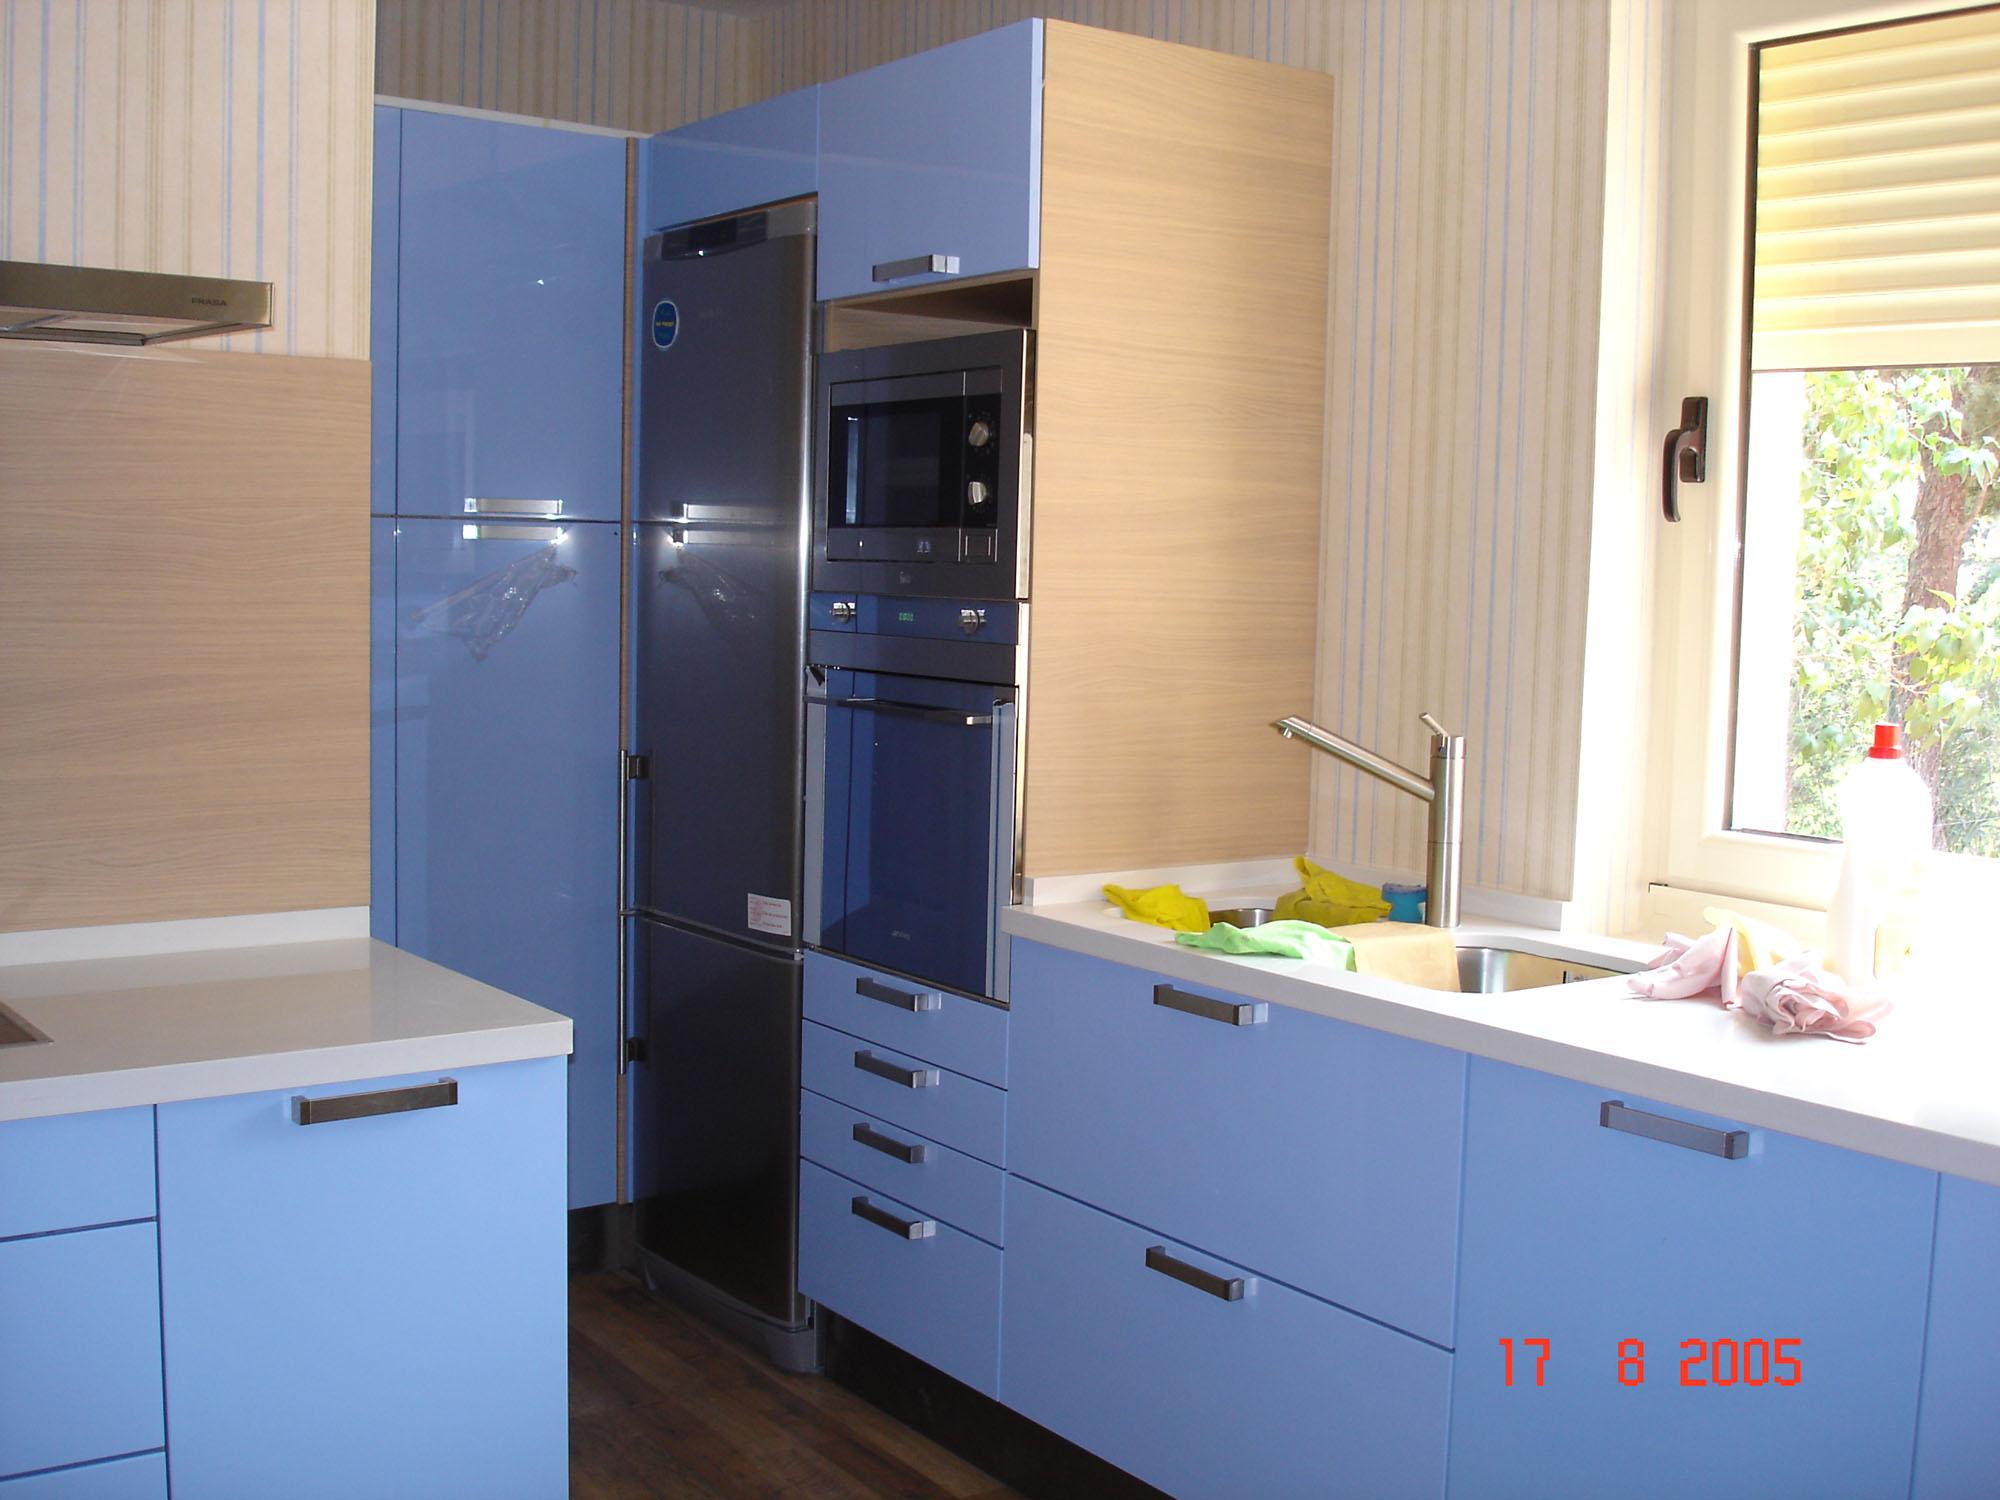 Muebles de cocina josmi valladolid ideas for Muebles cocina valladolid